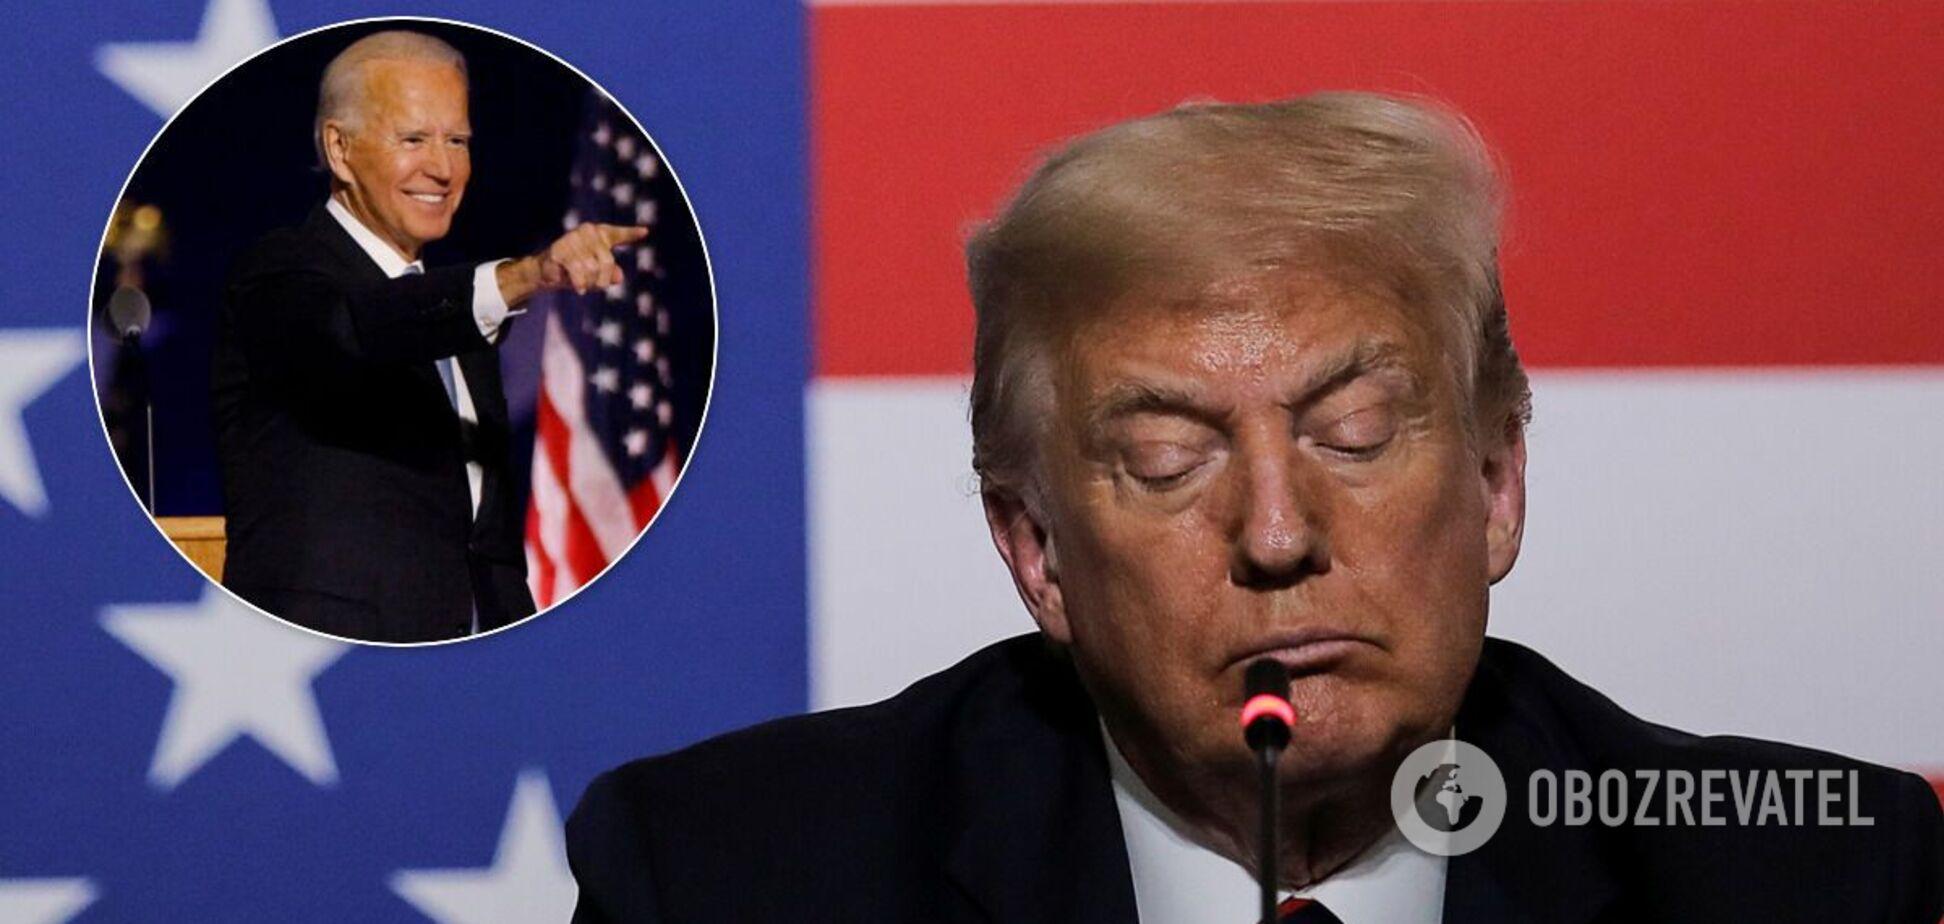 Трампа объявил о готовности передать власть Байдену